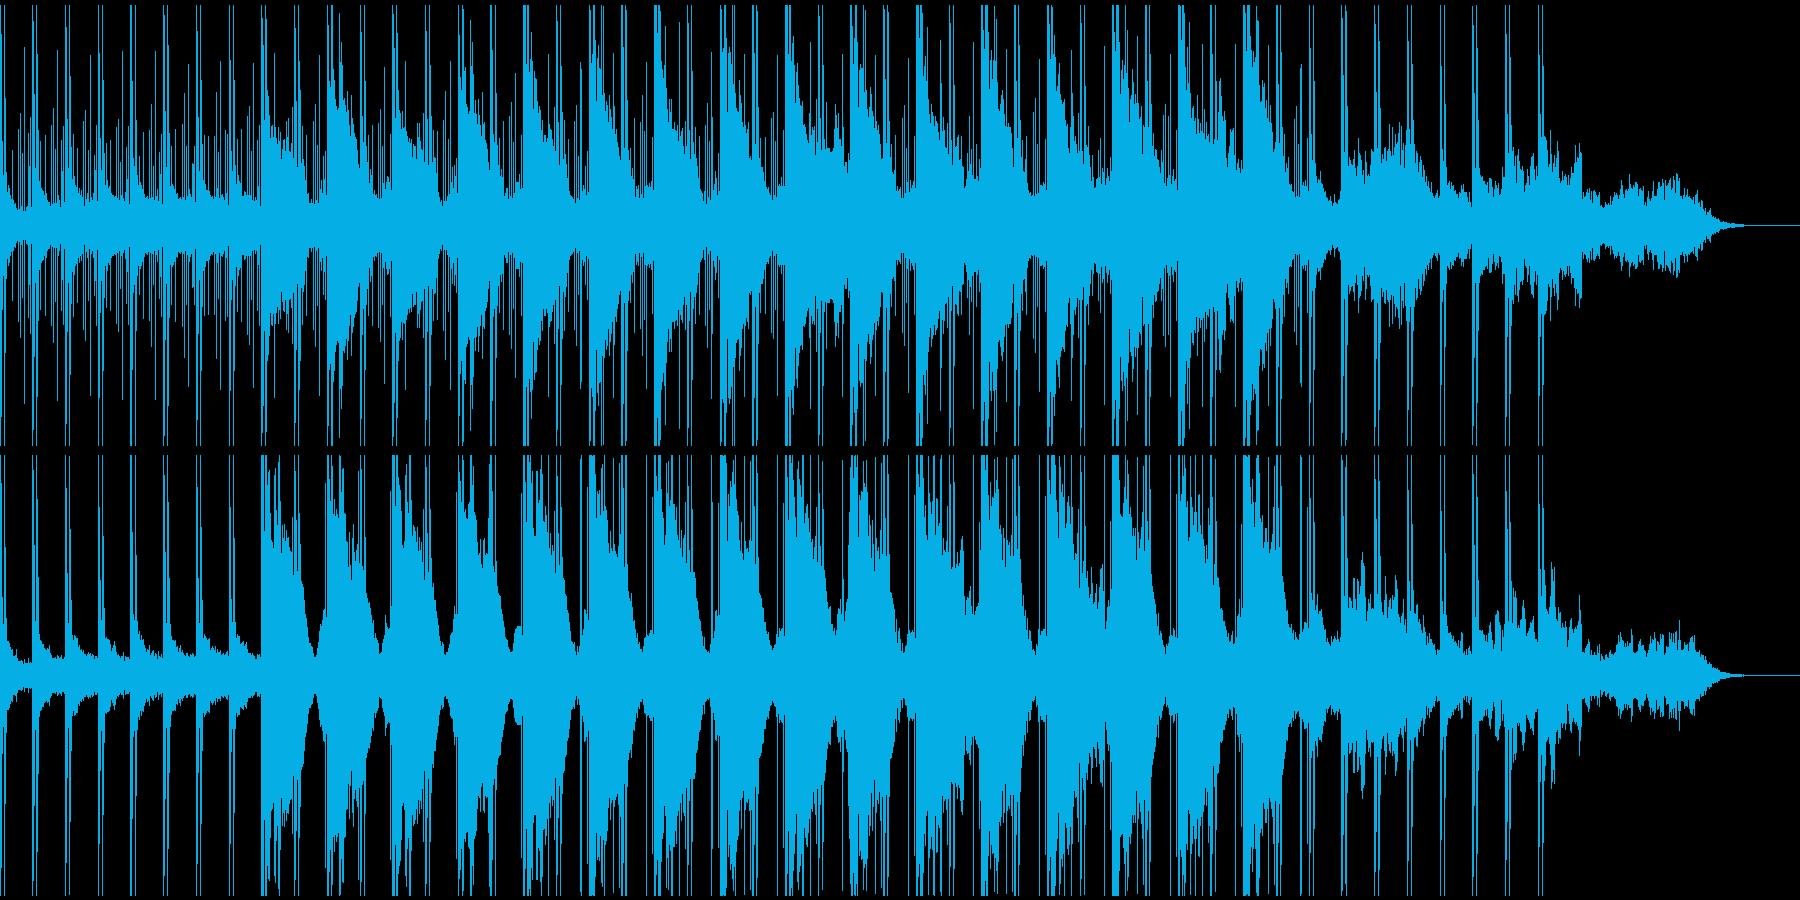 洗練されたノイズビートと幻想的なベルの音の再生済みの波形